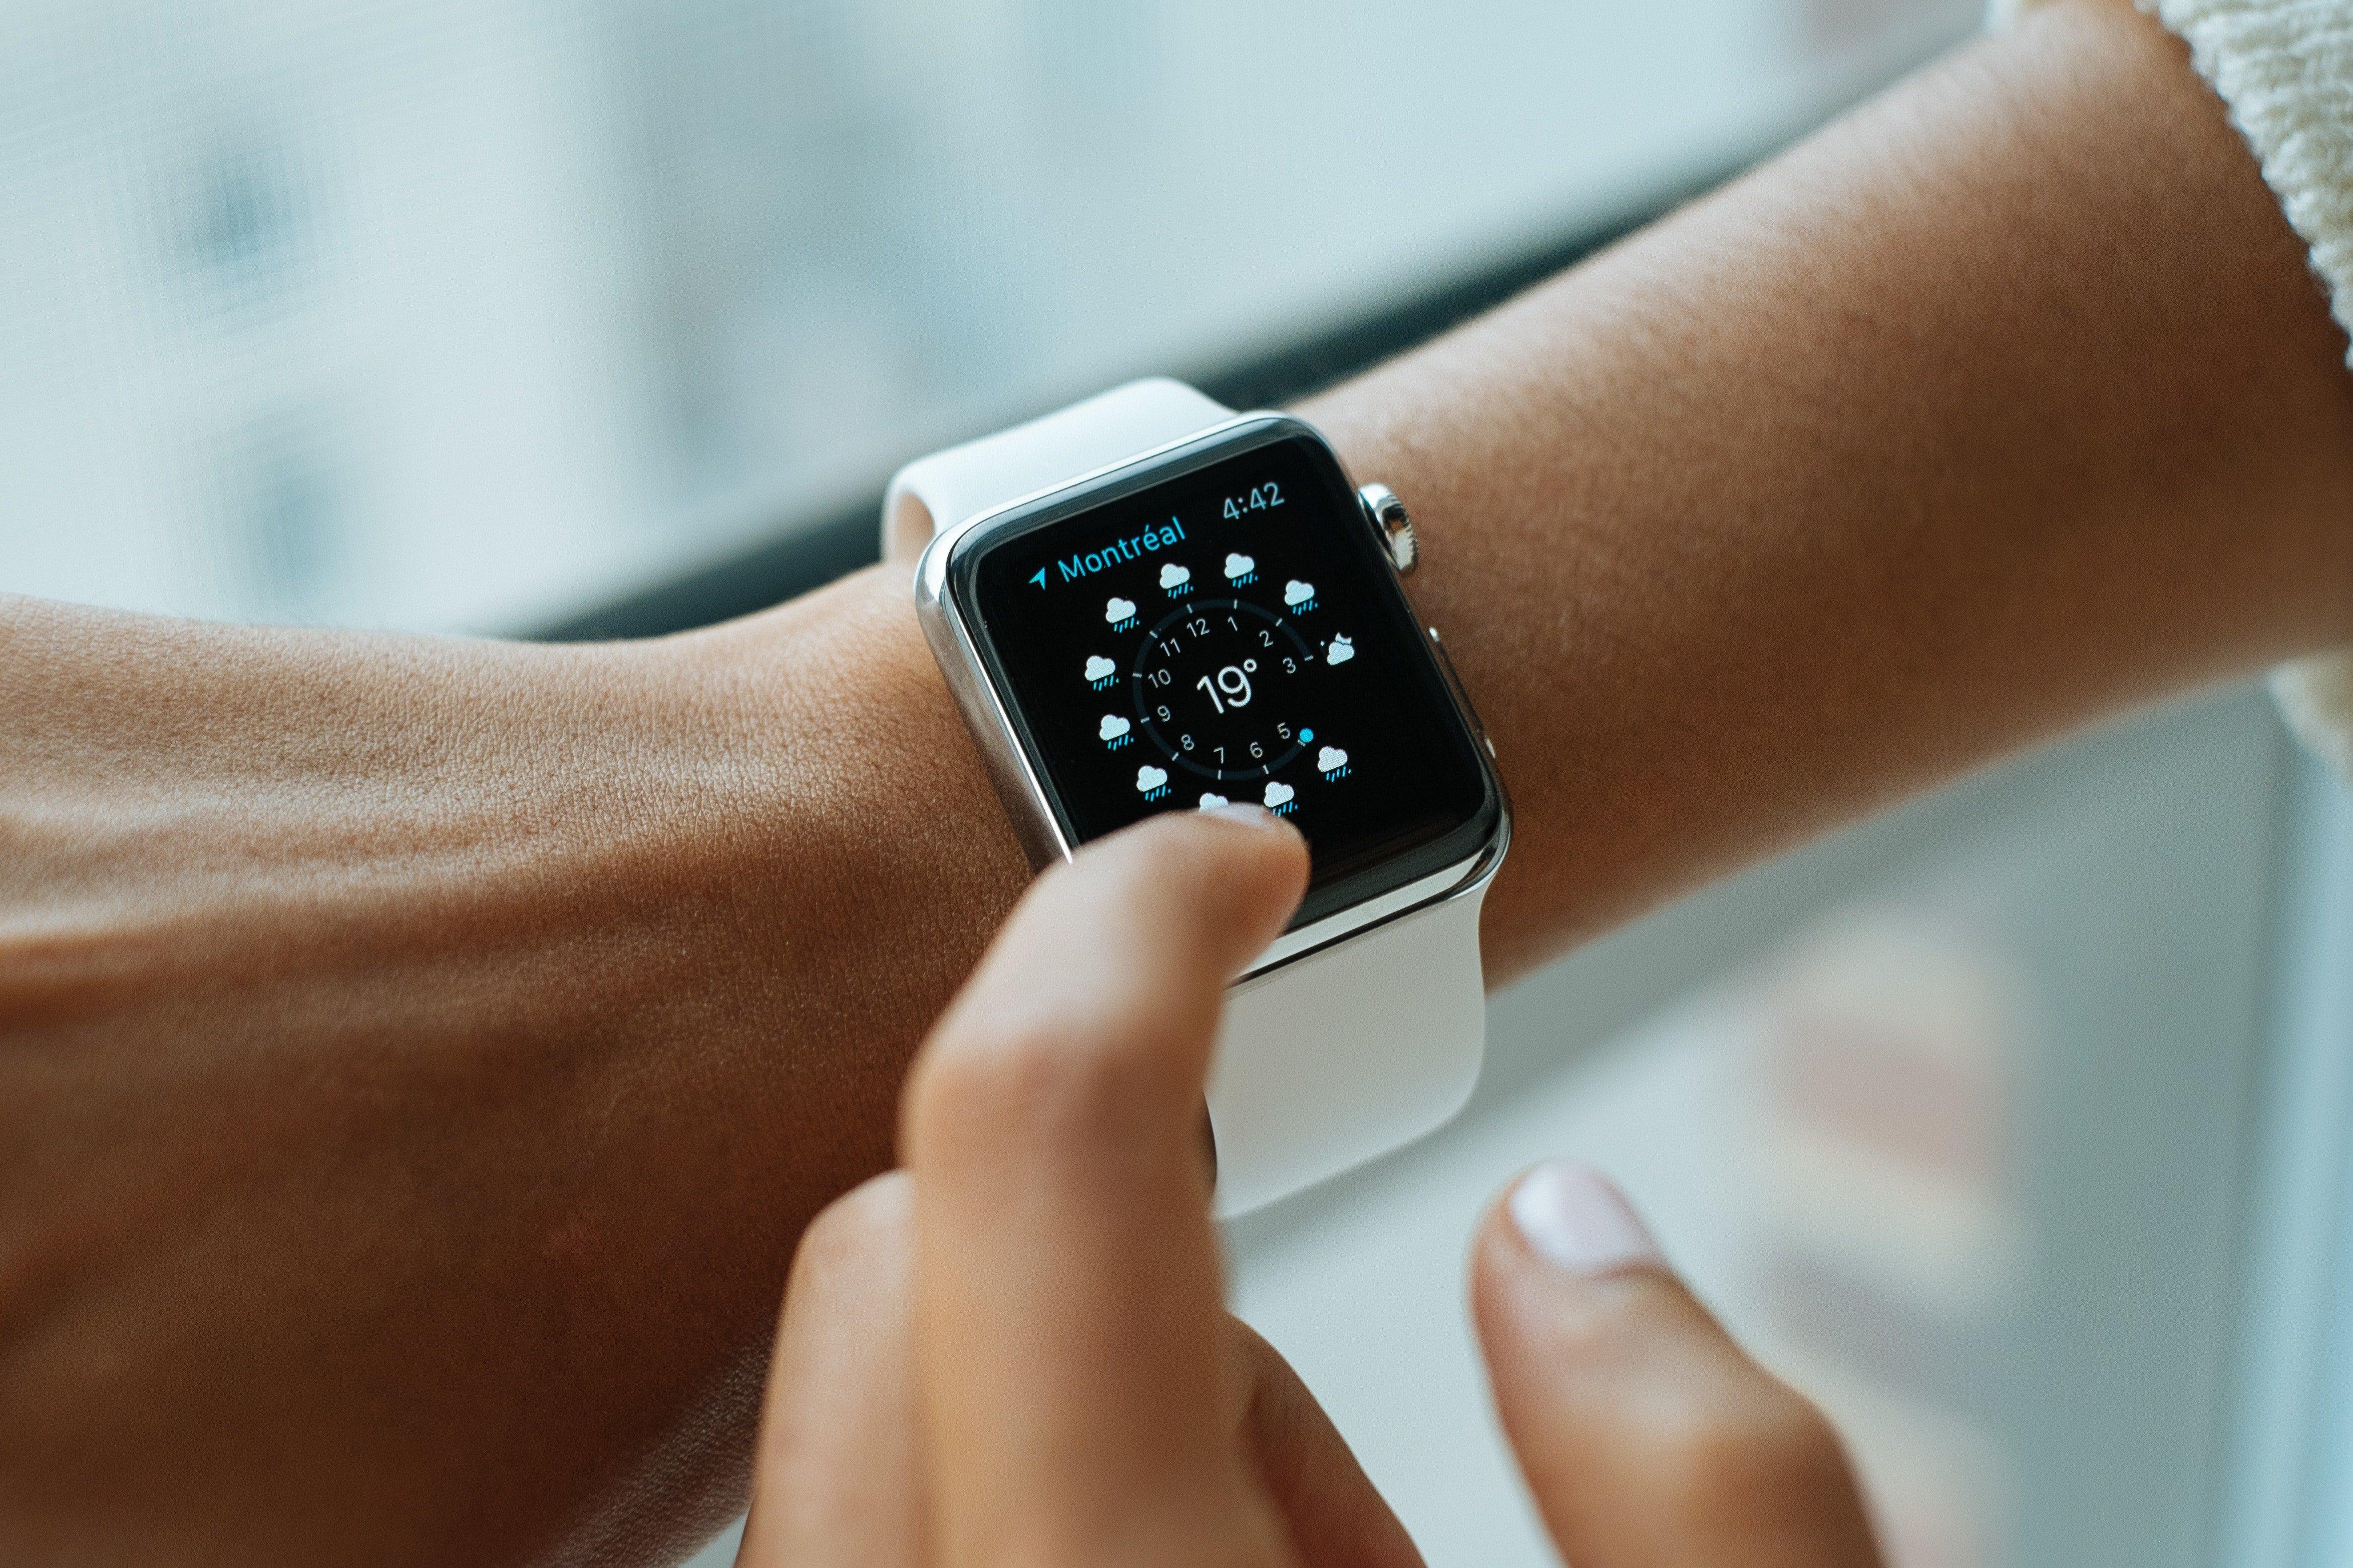 Vrouwen gadgets: zo koop je iets voor je vriendin waar je stiekem ook zelf nog iets aan hebt!